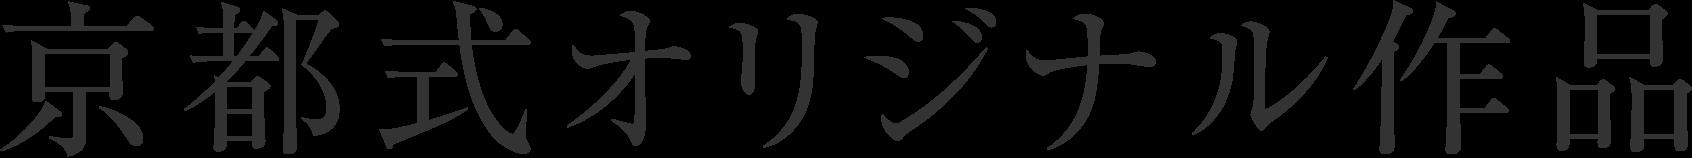 京都式オリジナル作品